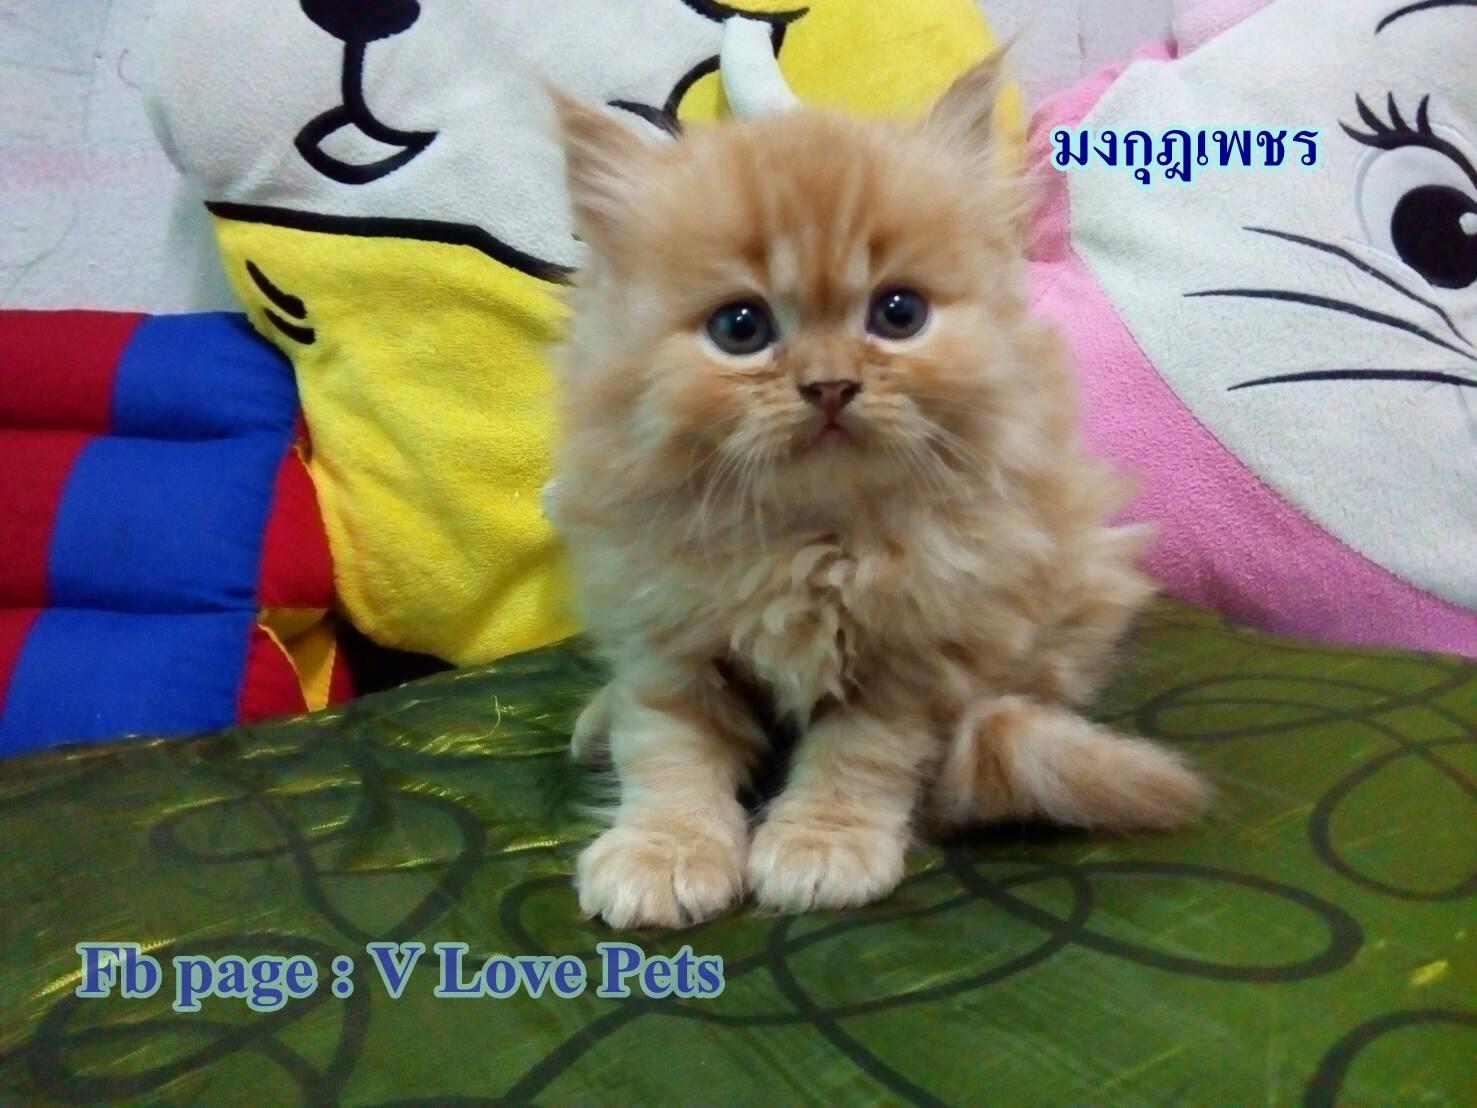 น้องแมวเปอร์เซียแท้ สีส้ม Name มงกุฎเพชร